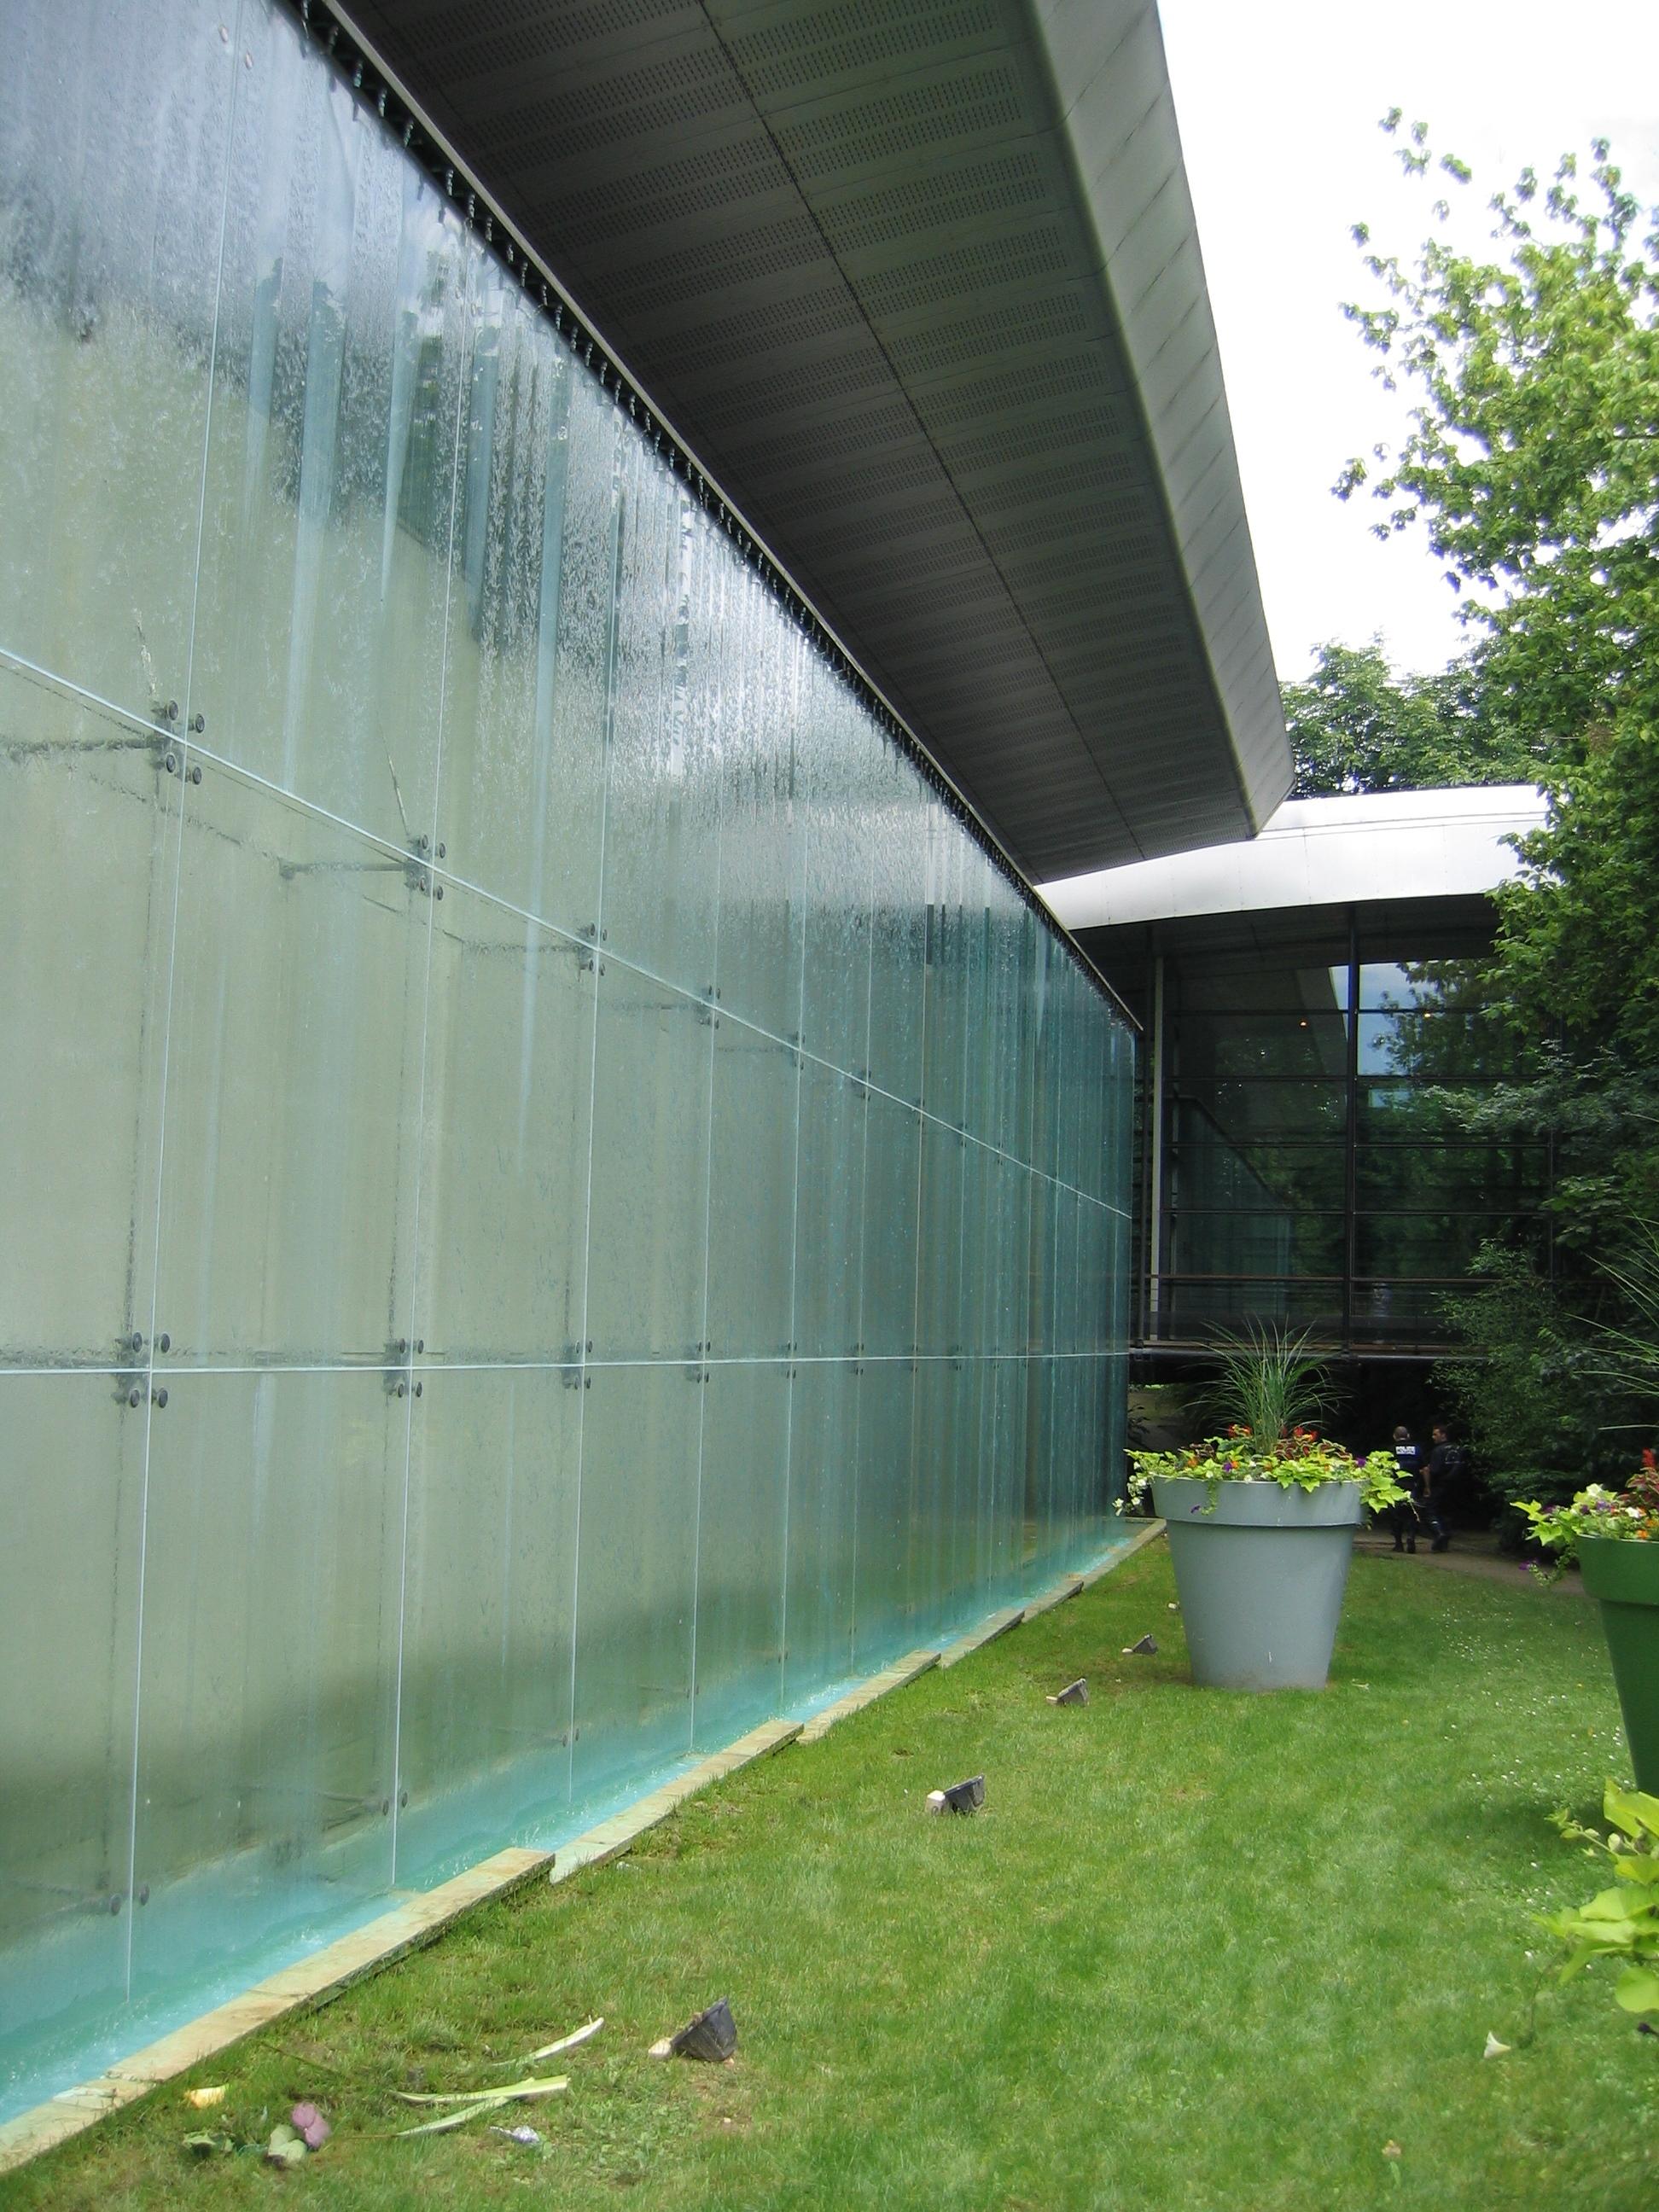 Fichier mur d 39 eau salle du moulin brul maisons alfort for Salle eau